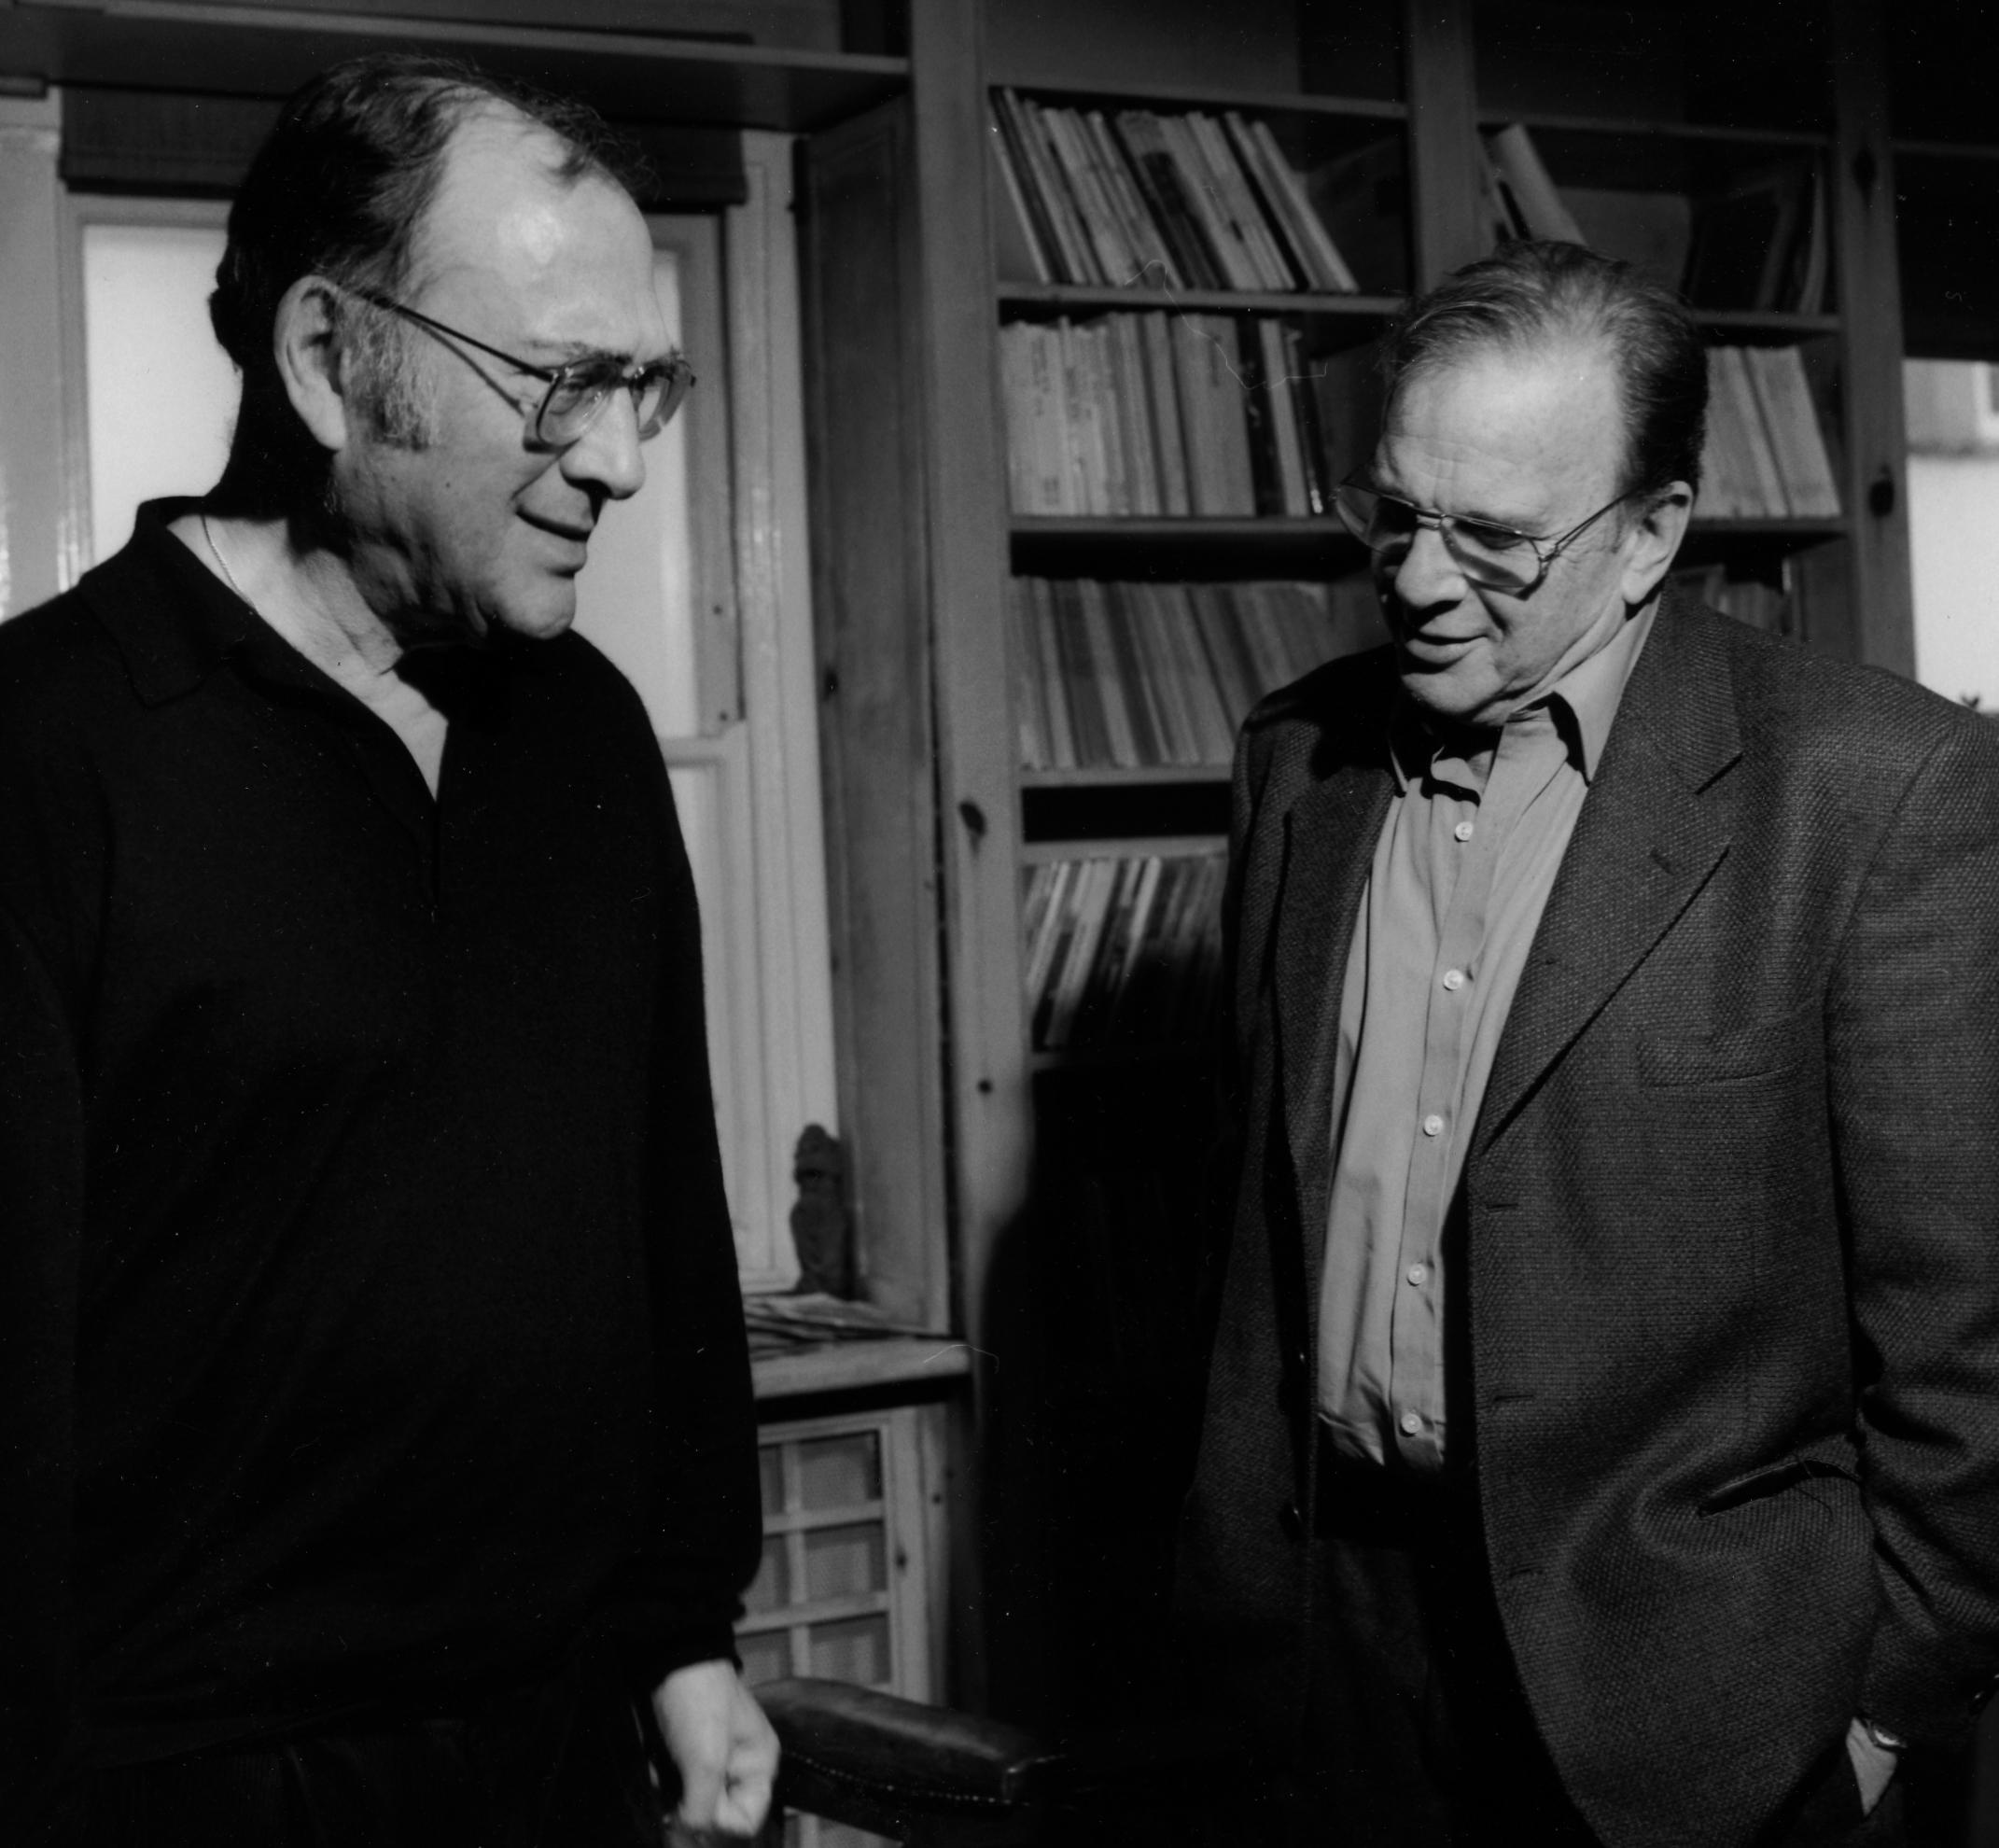 Harold Pinter and Sir Ronald Harwood for RSL